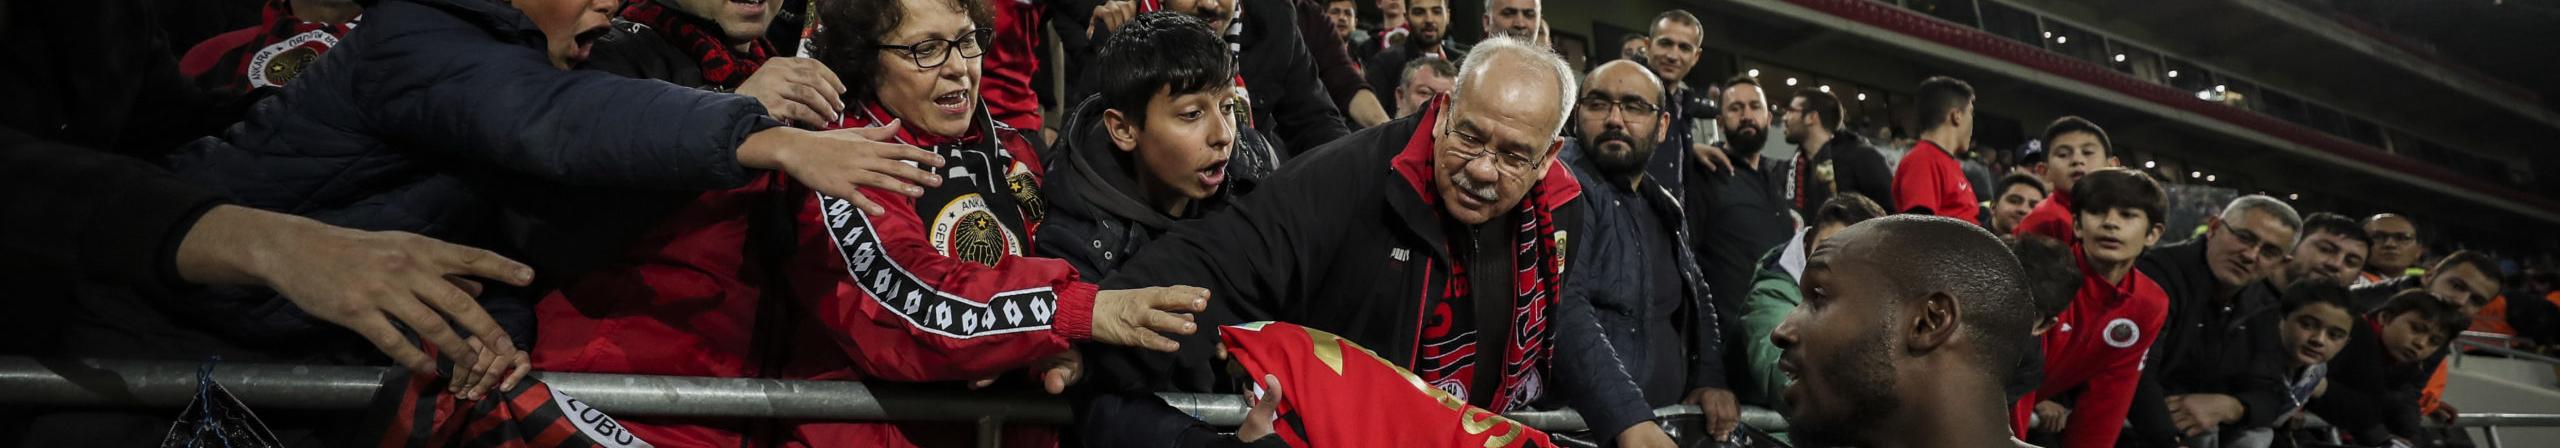 Genclerbirligi-Konyaspor, in ballo c'è la salvezza: quote e pronostico